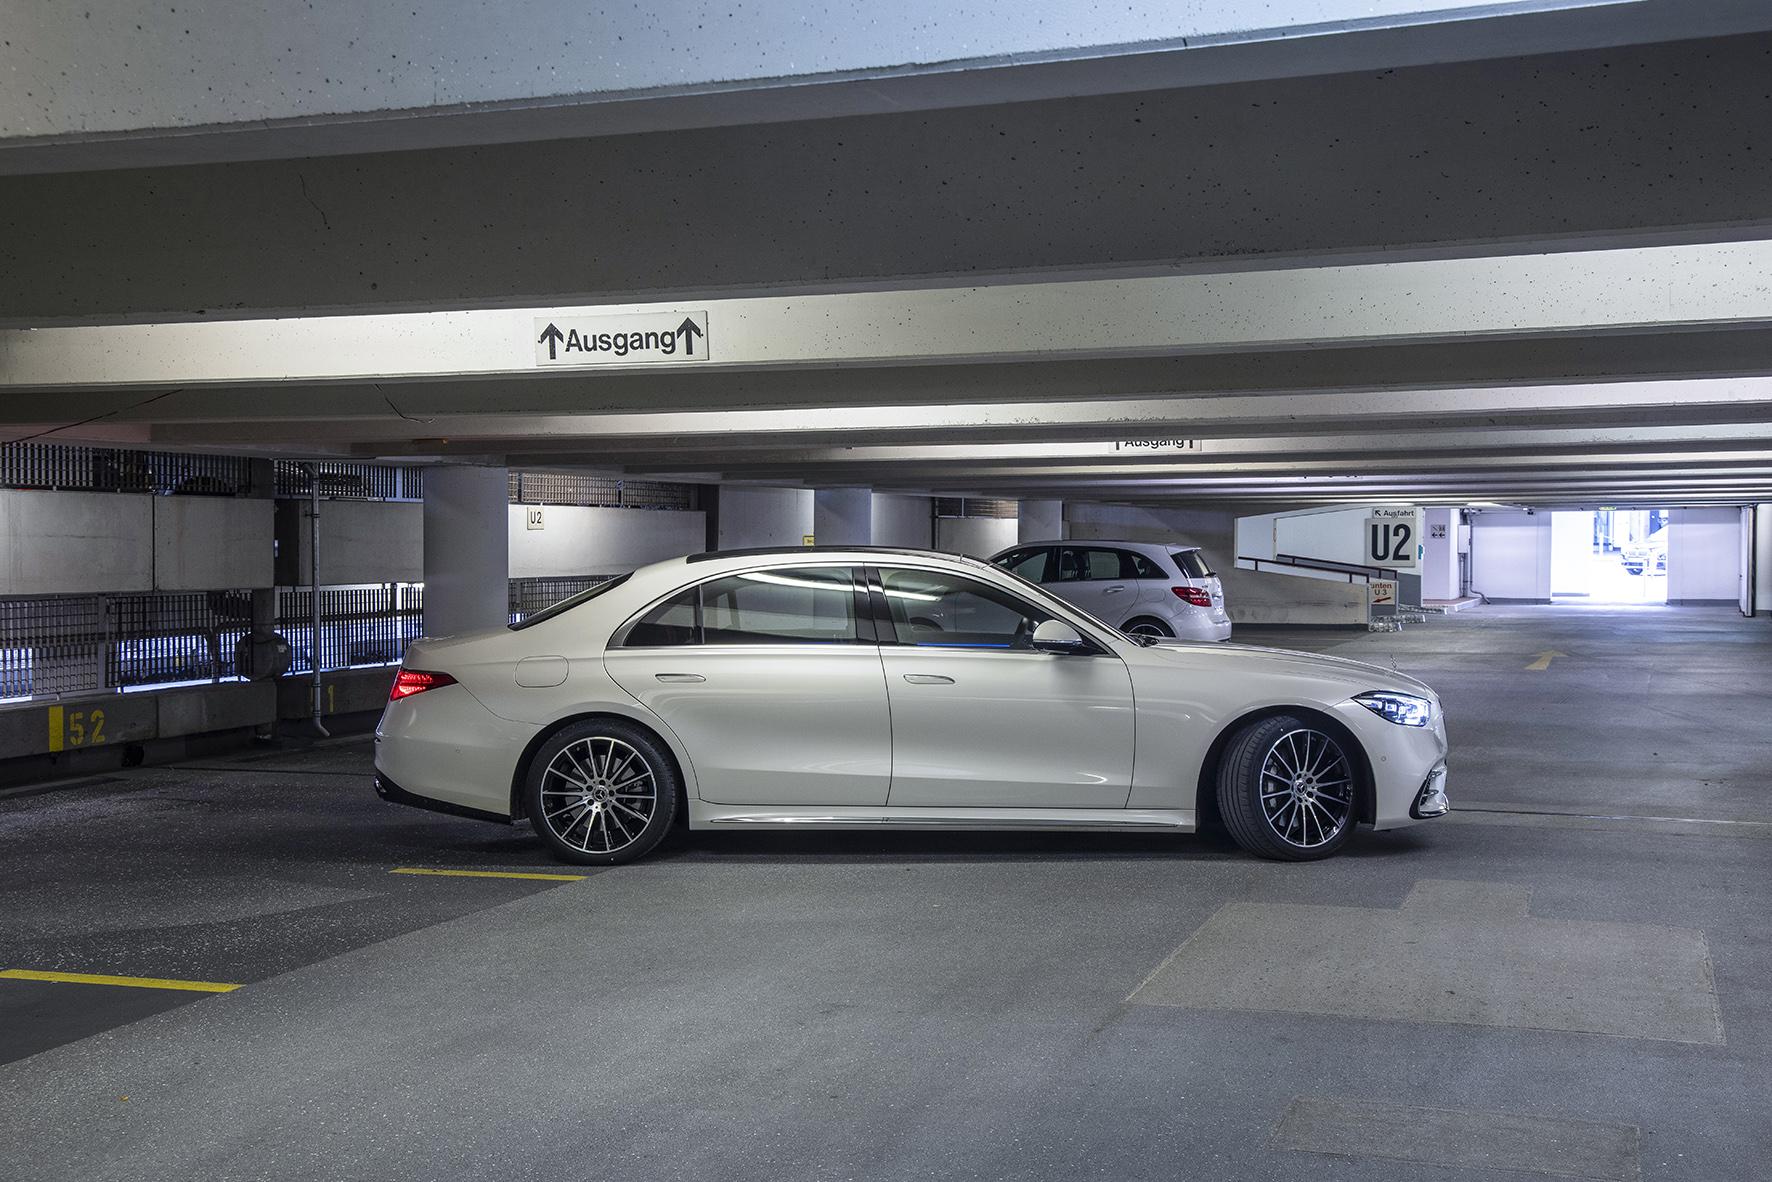 Inteligentné infraštruktúra parkovacích garáží